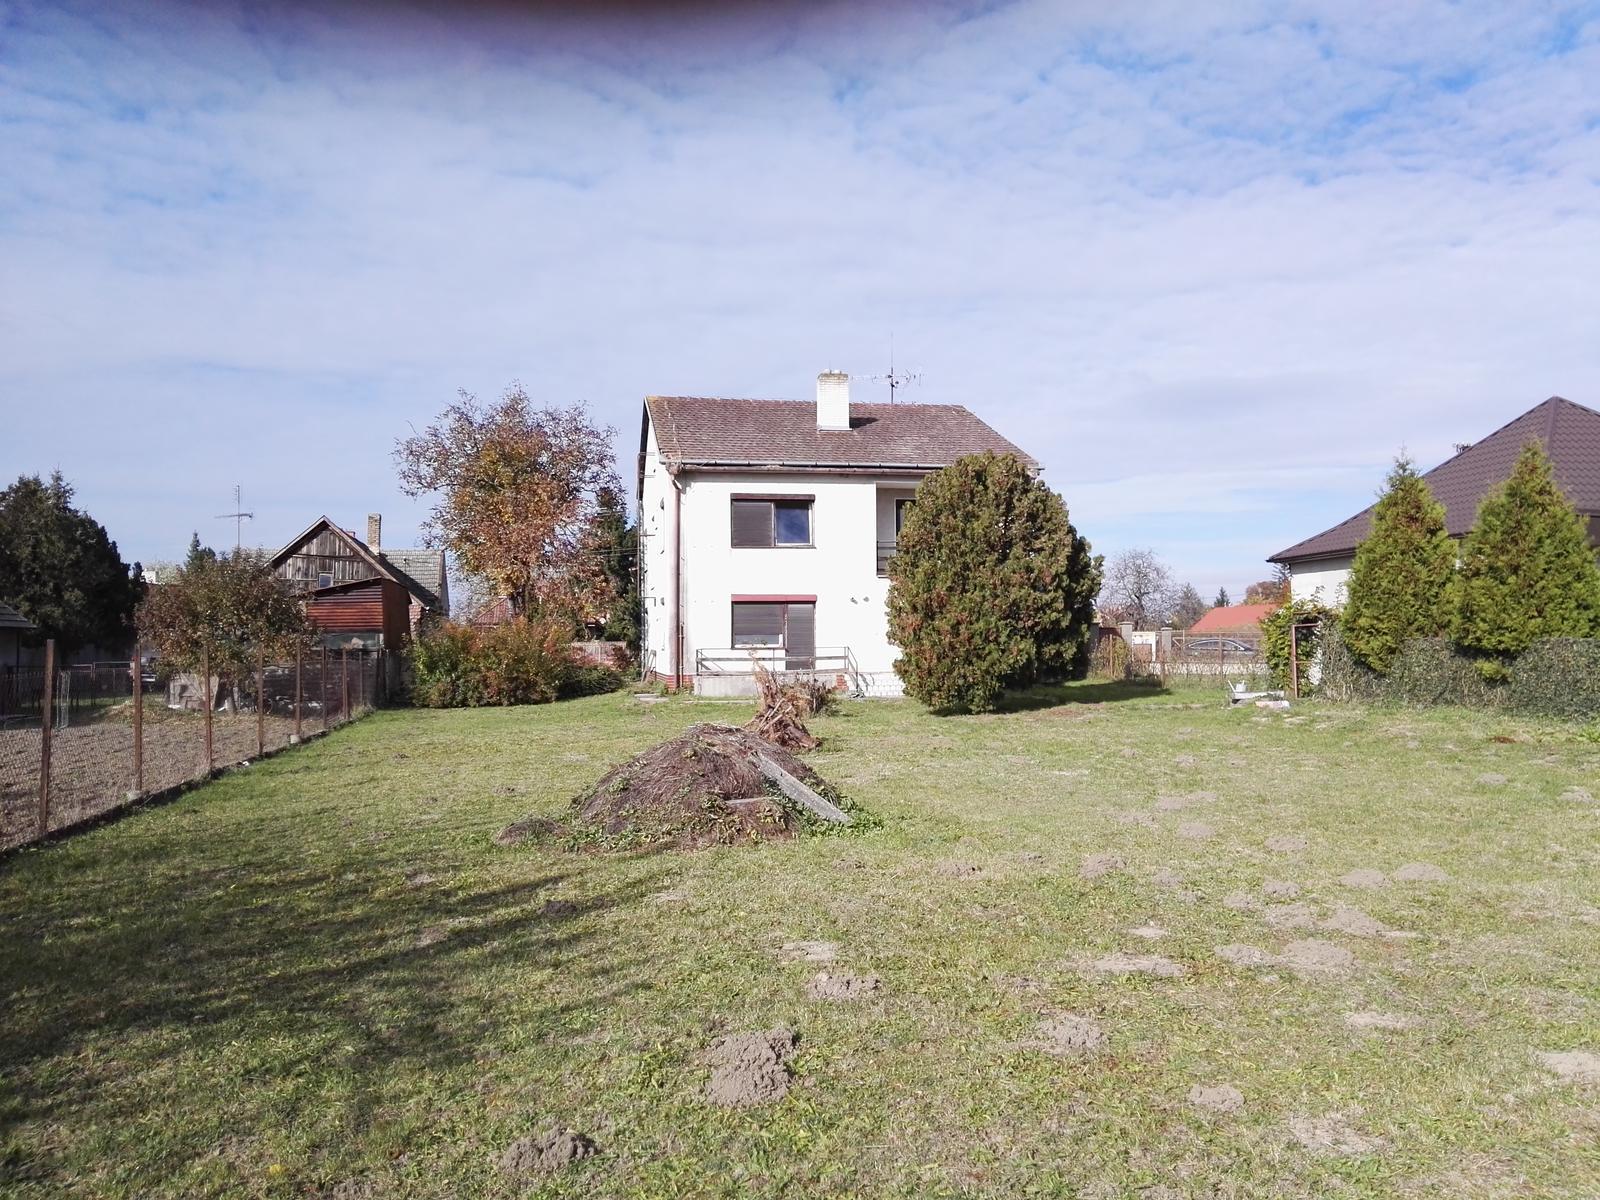 Rekonstrukcia RD - Zahrada - čím ďalej ste od domu, tým vyzerá lepšie